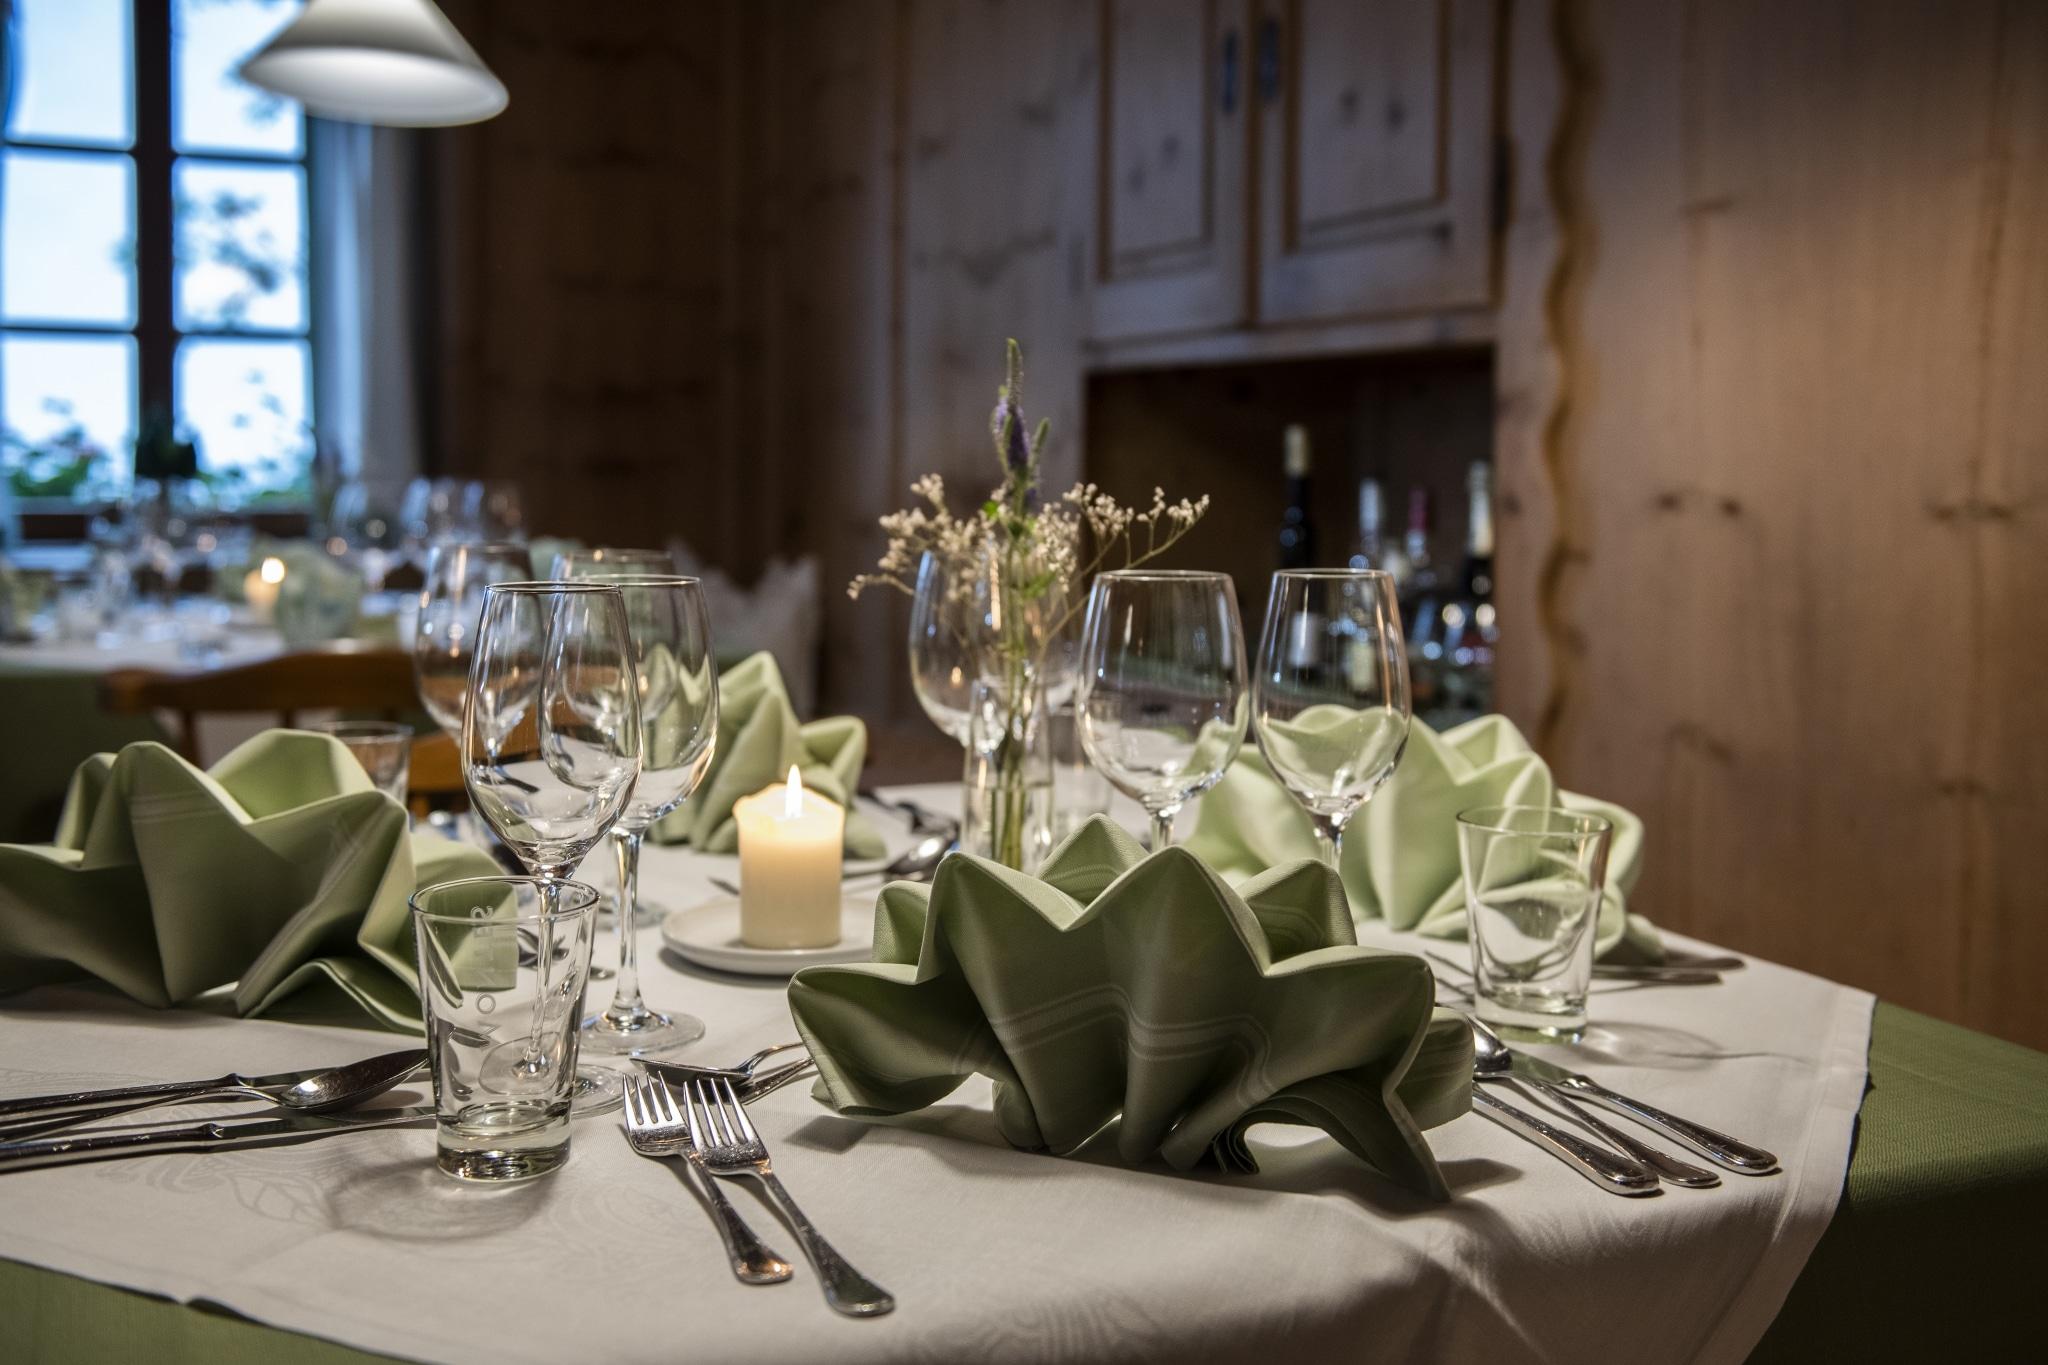 Tisch in der Bauernstube